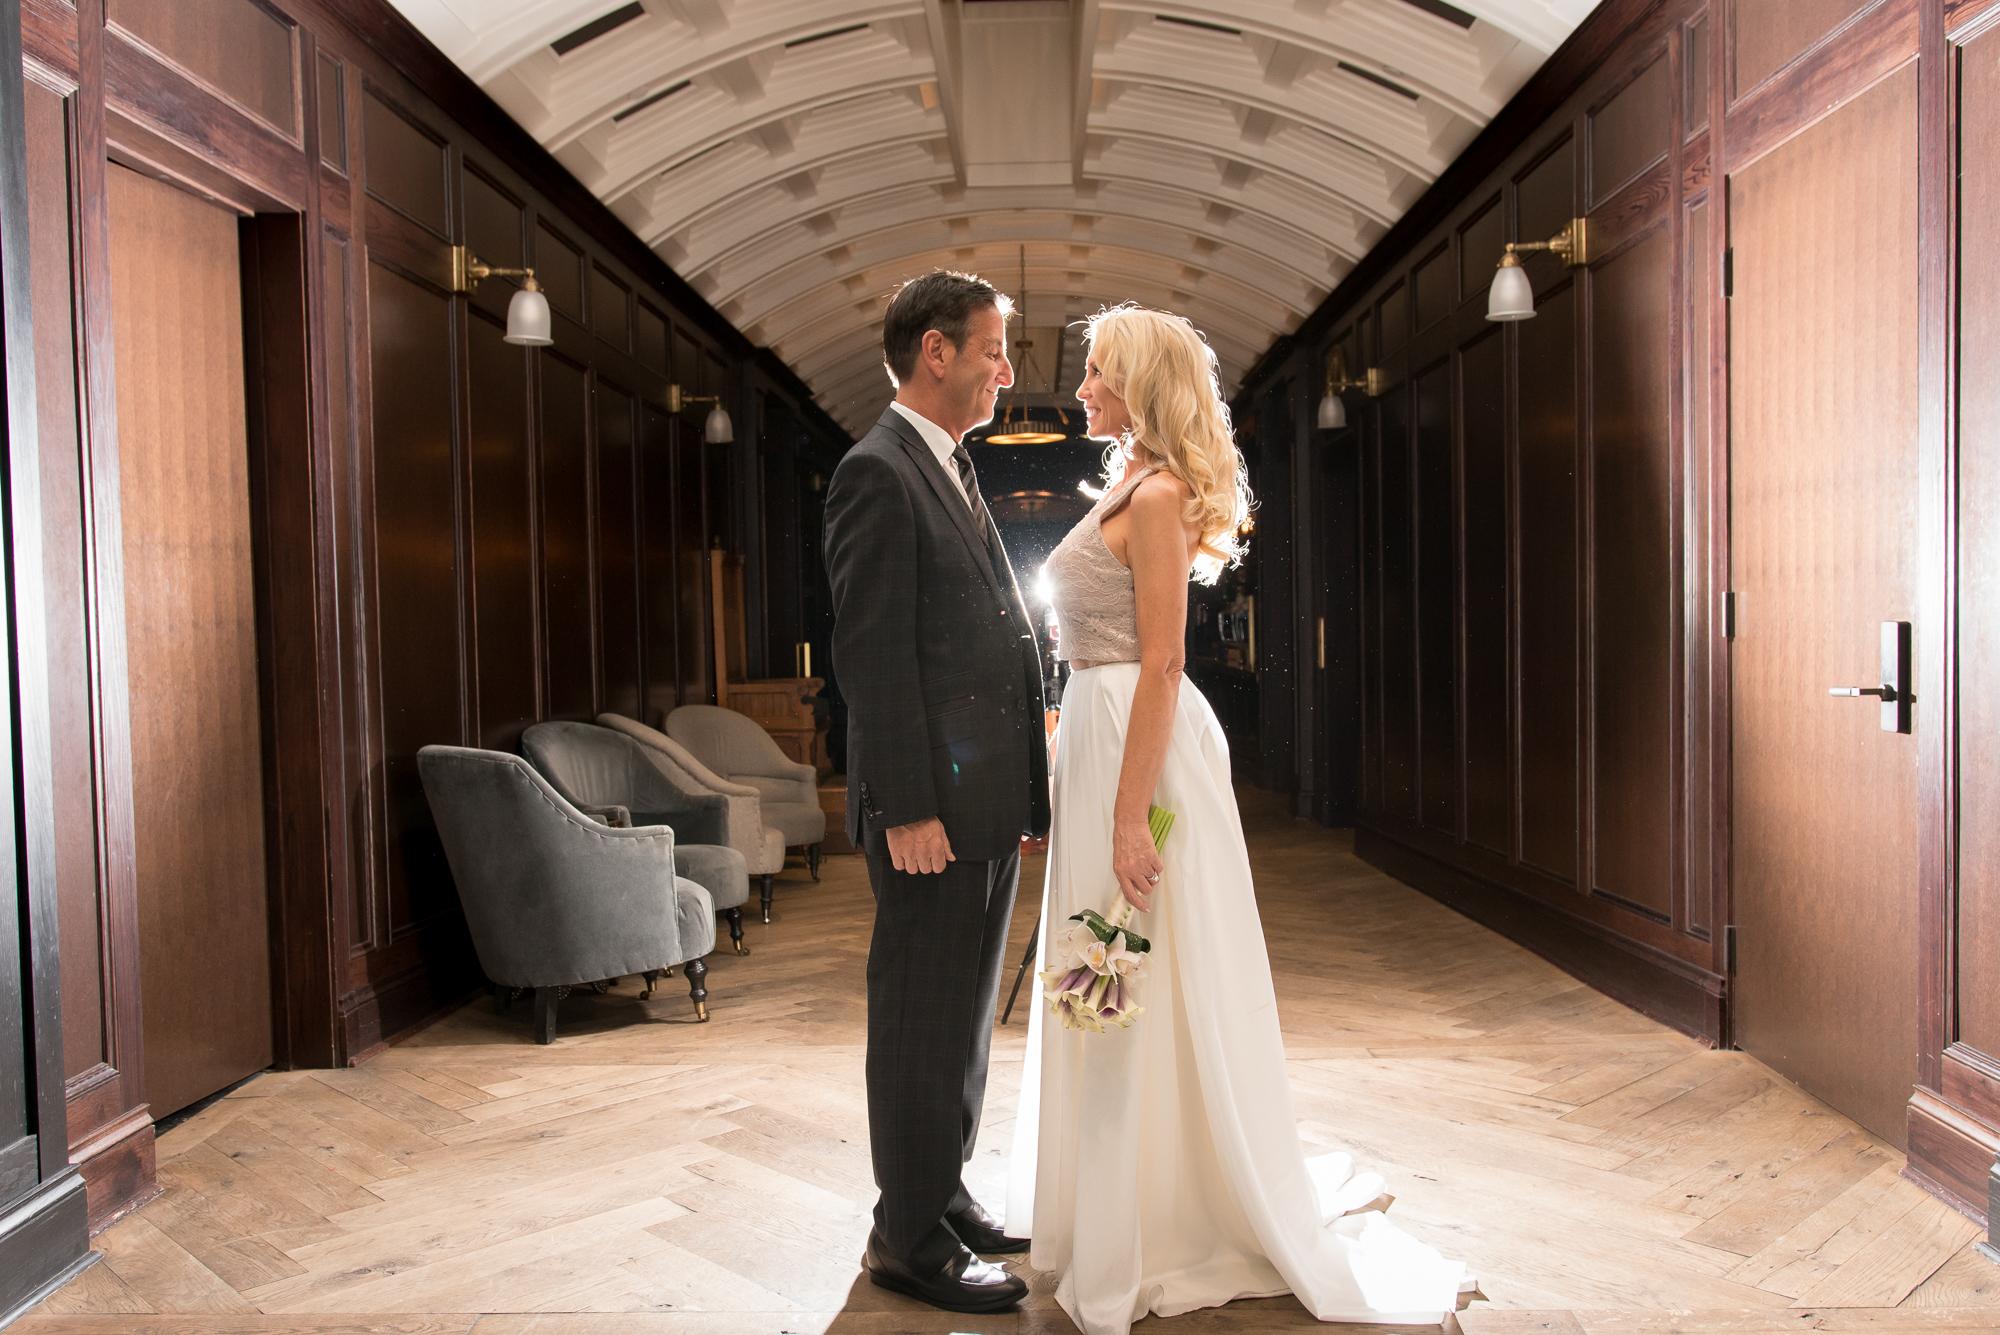 Oxford-Exchange-wedding-photographer, Tampa-wedding